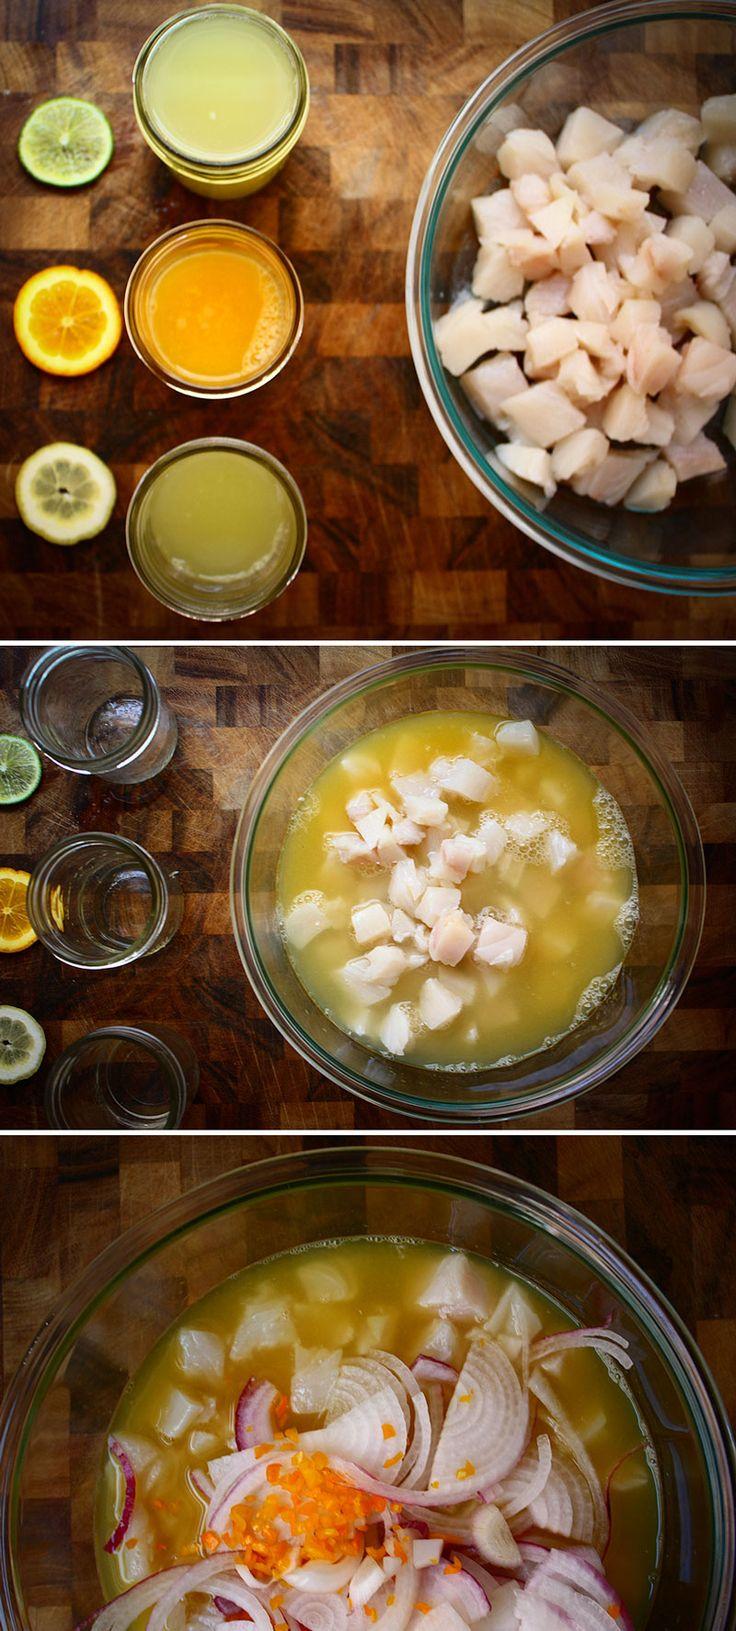 traditional-peruvian-ceviche pescado, limón, tomate, lima, cebolla, pimienta y naranja.